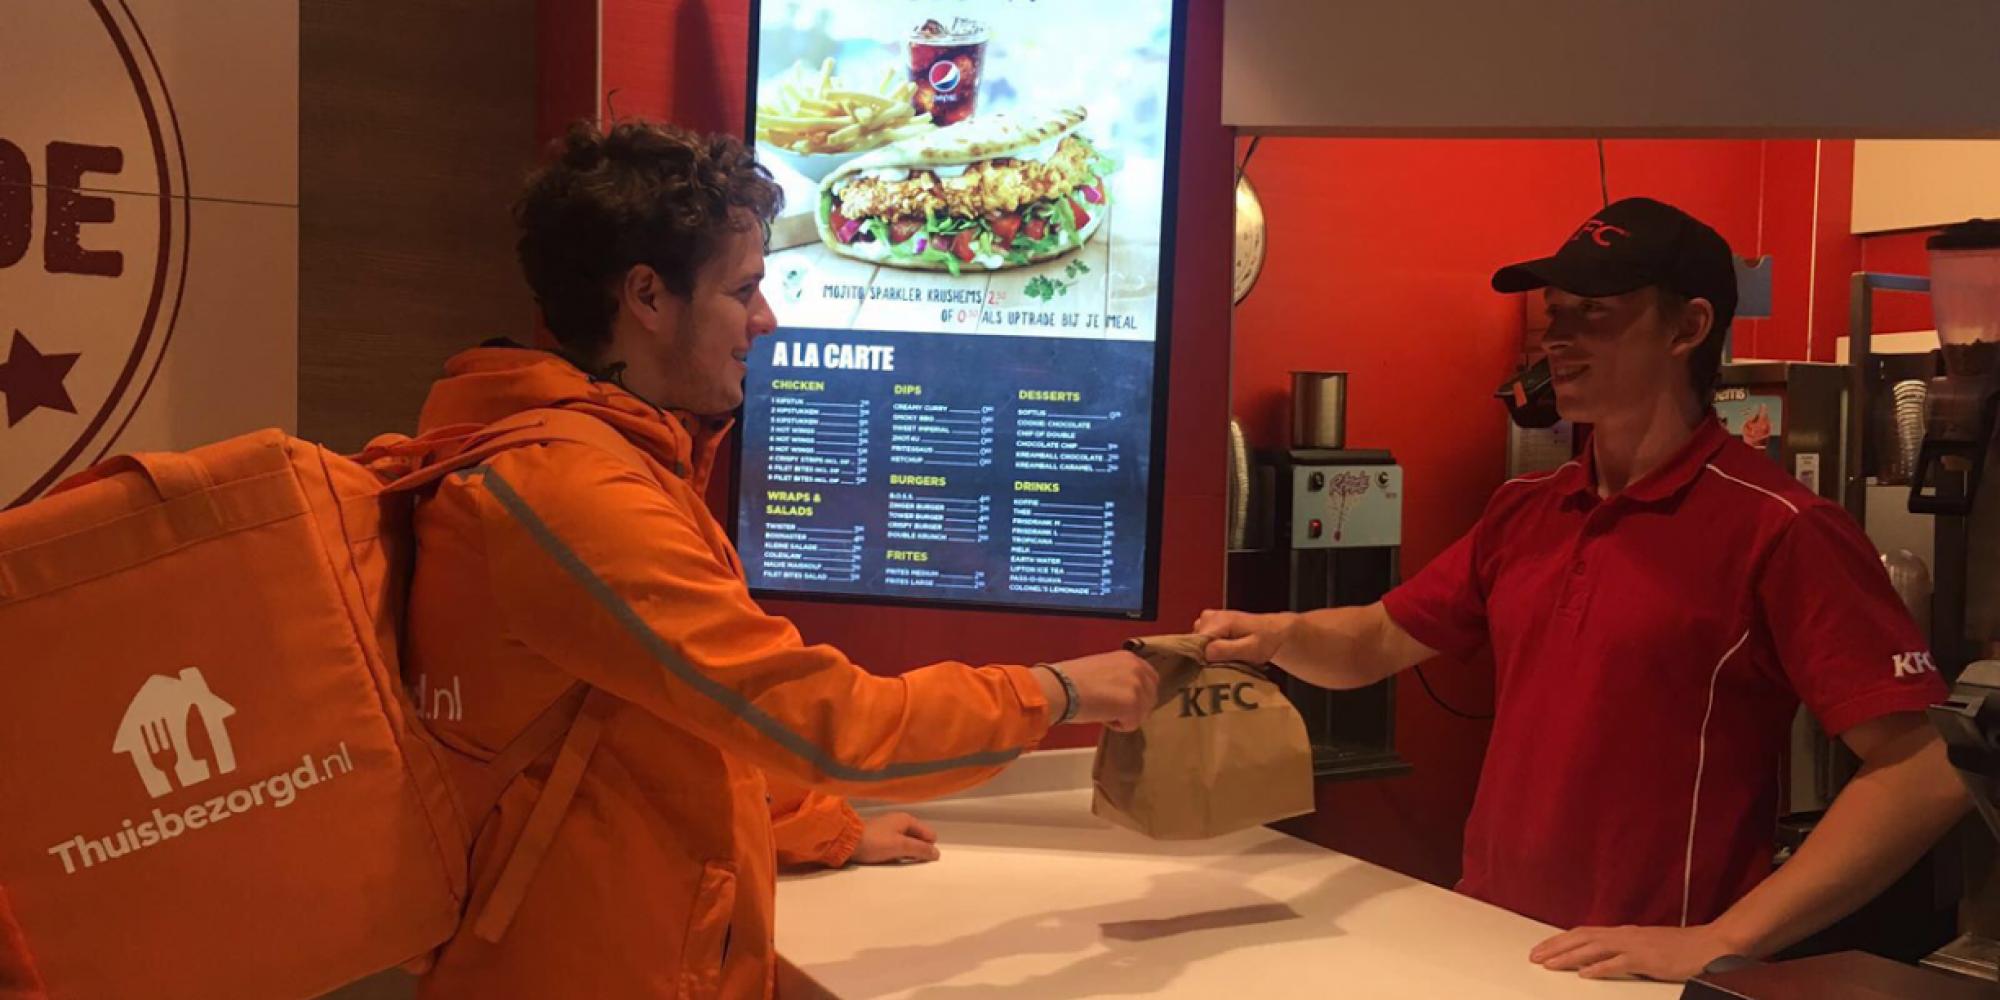 Kentucky Fried Chicken Gaat Nu Ook Bezorgen Aan De Deur At5